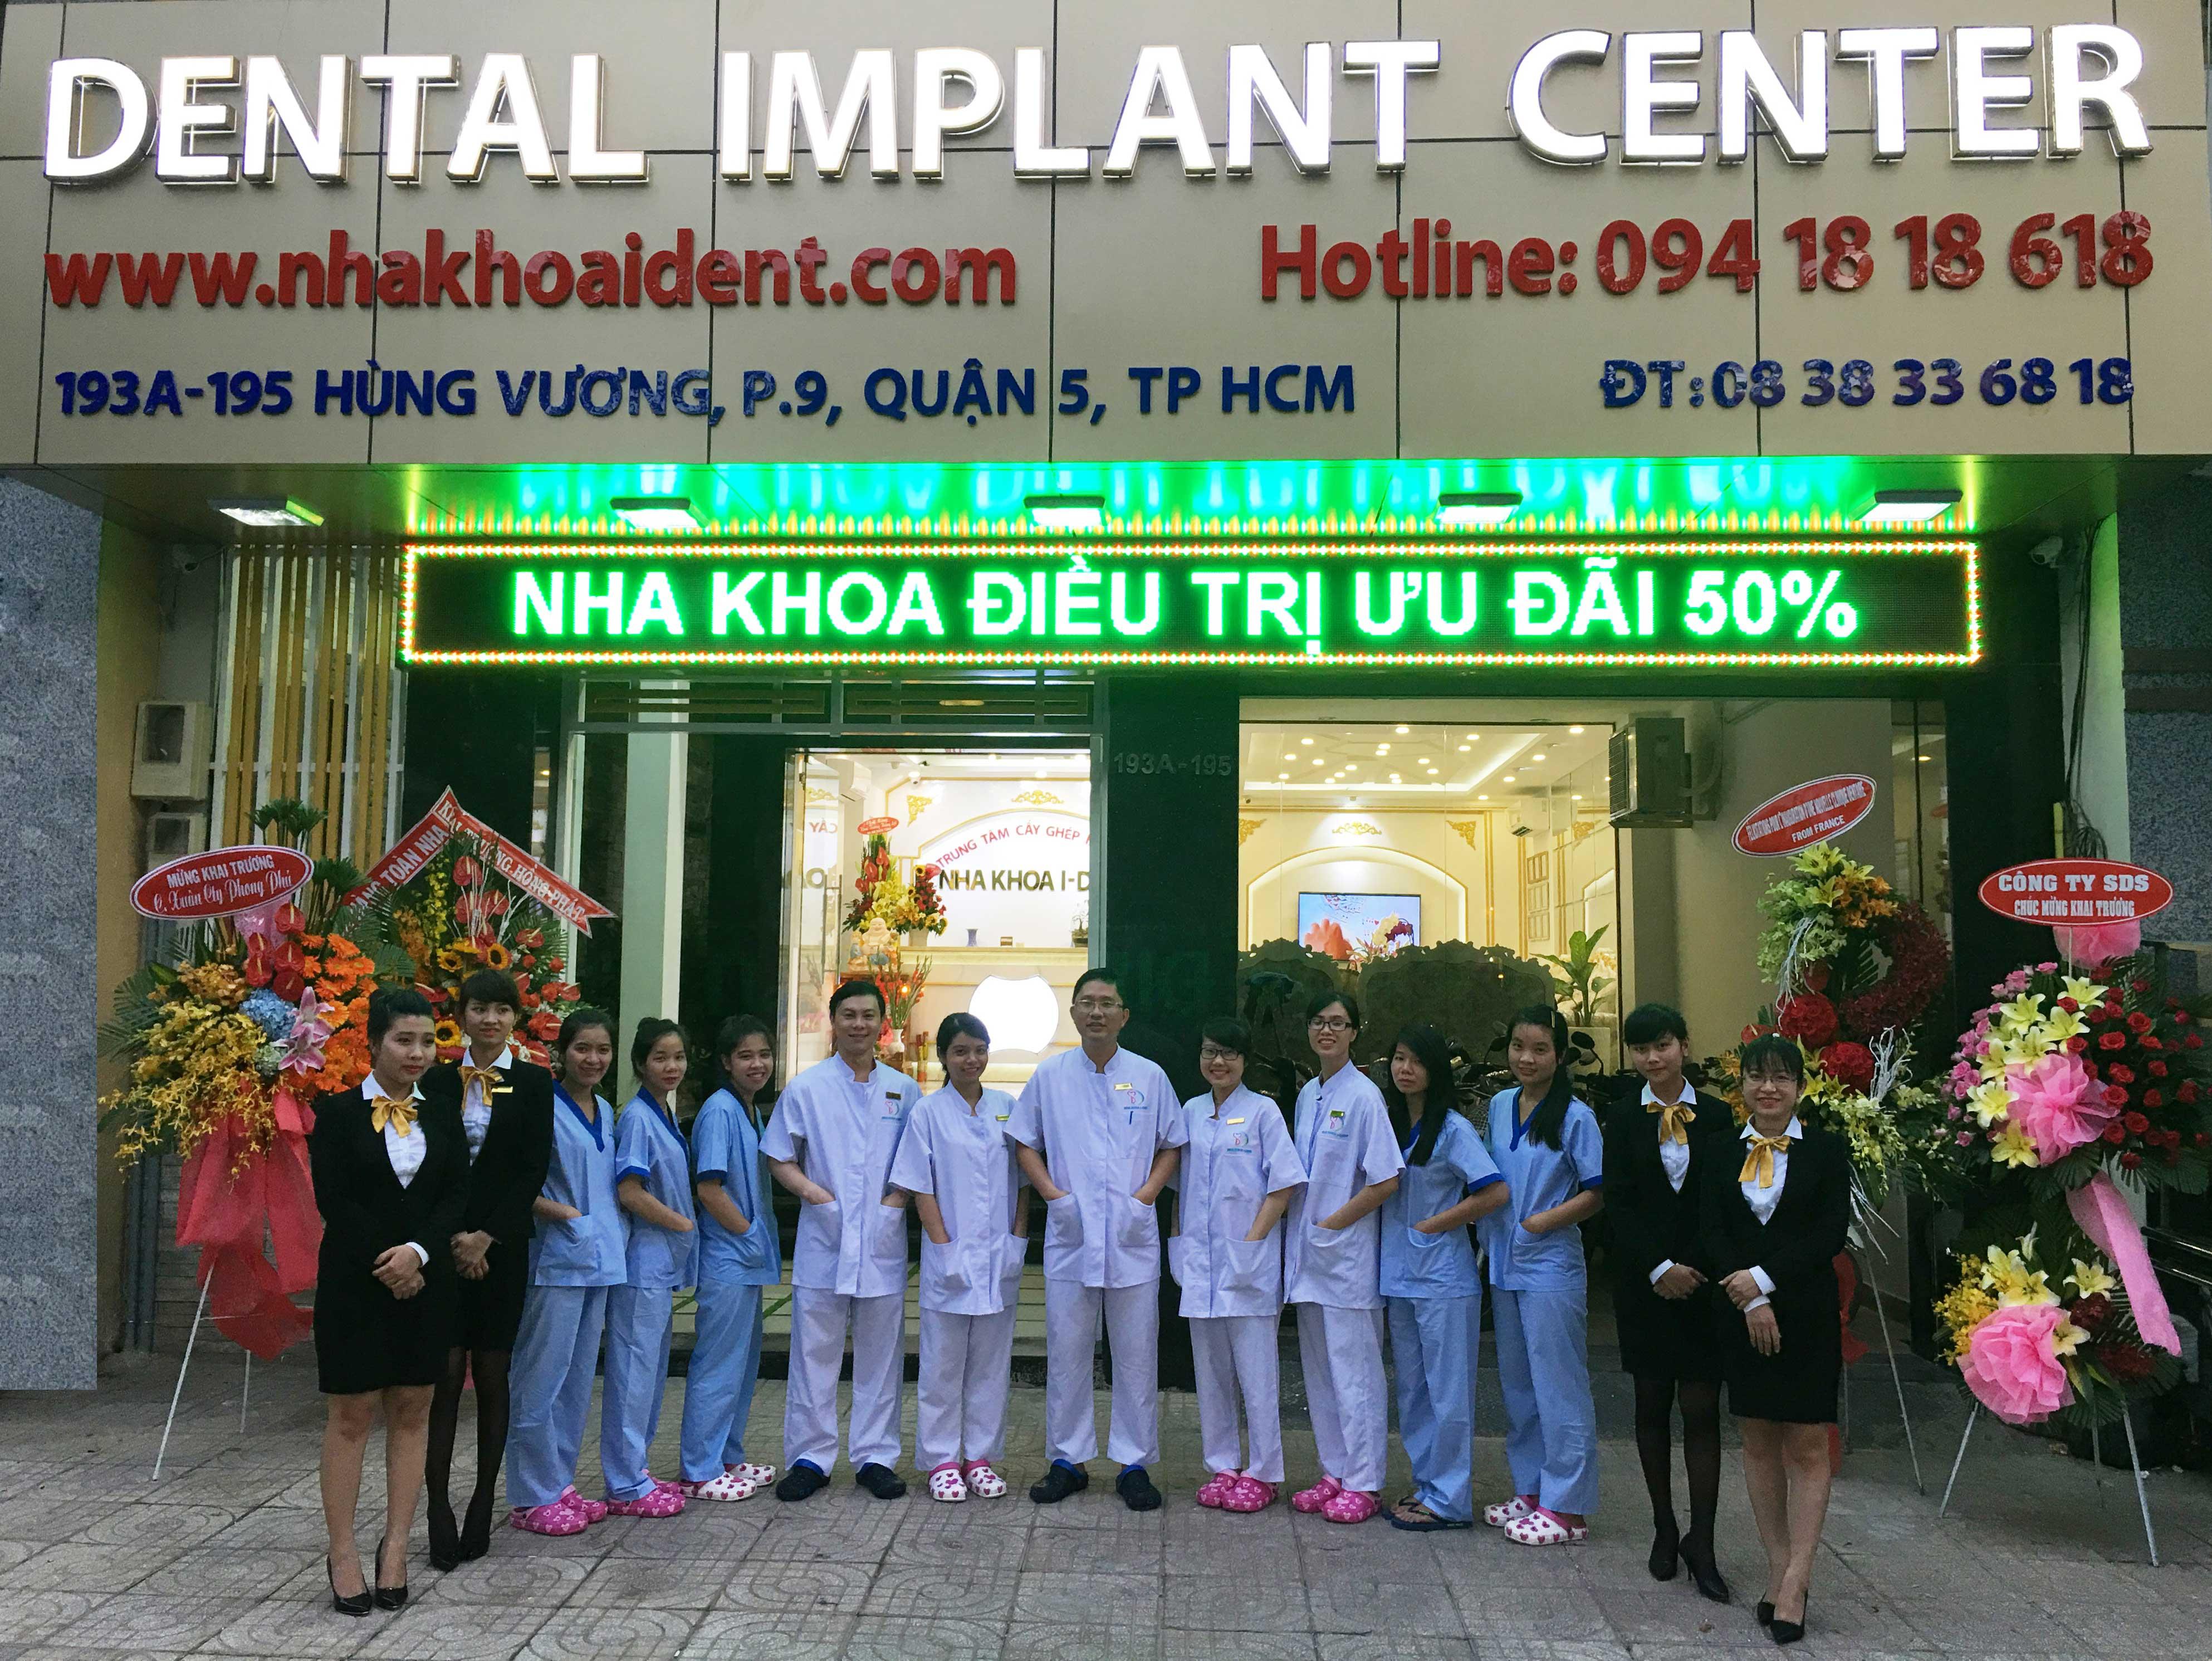 trung tâm Cấy ghép Implant - Nha khoa I-DENT